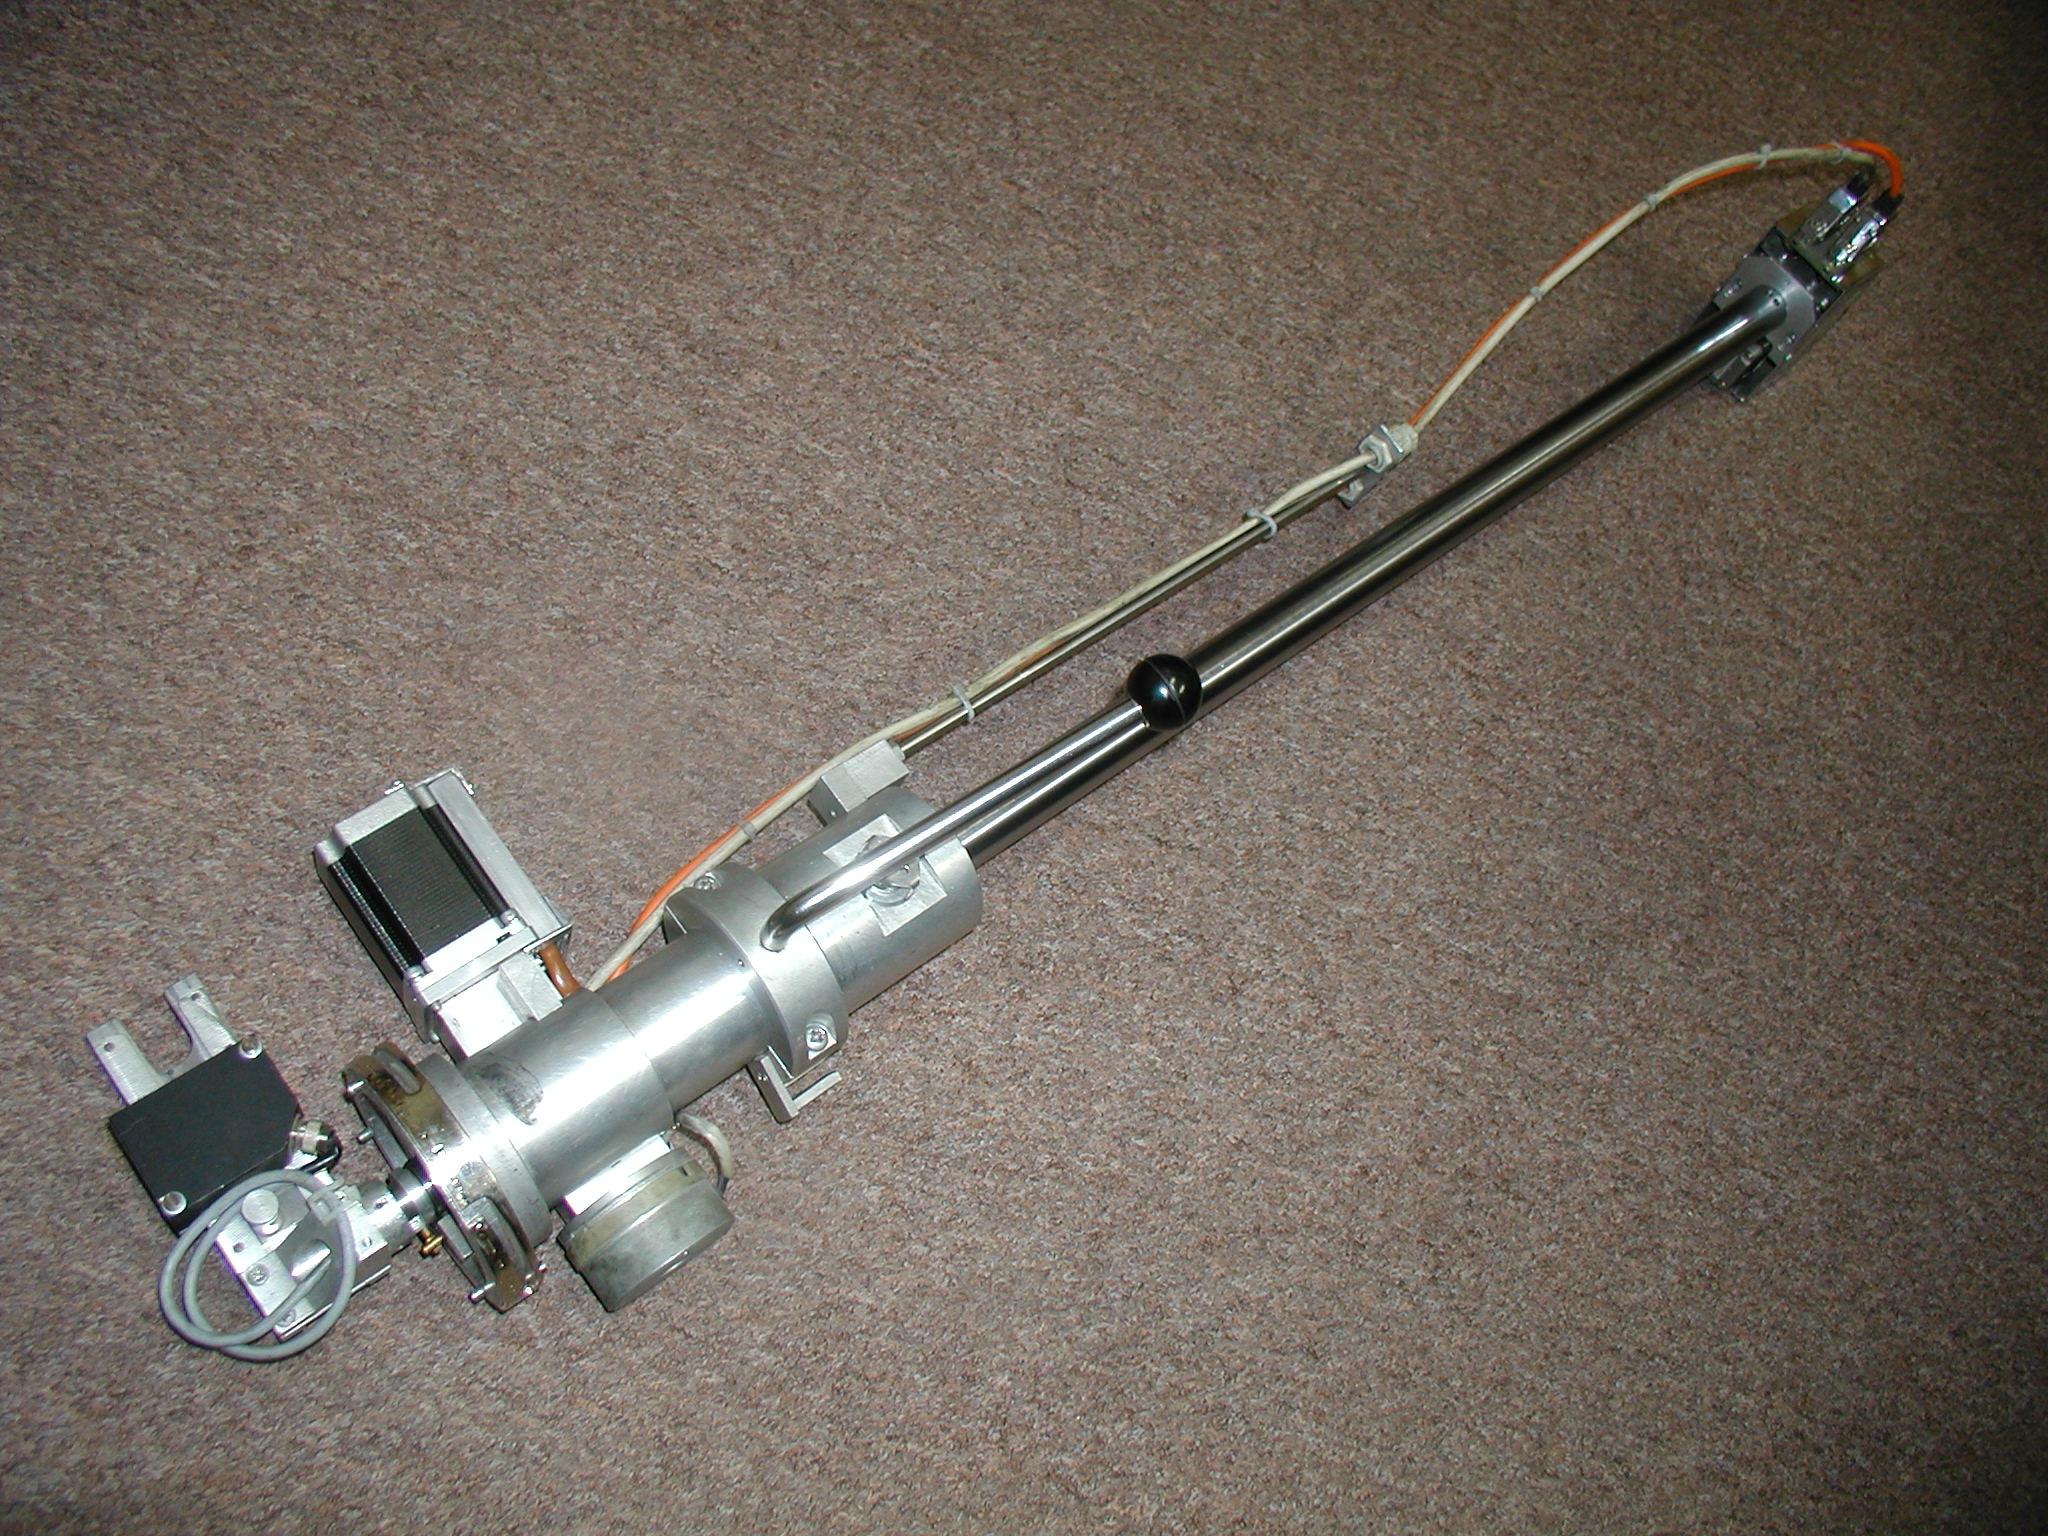 Vlastní laserové měřidlo - - - The laser measuring instrument itself